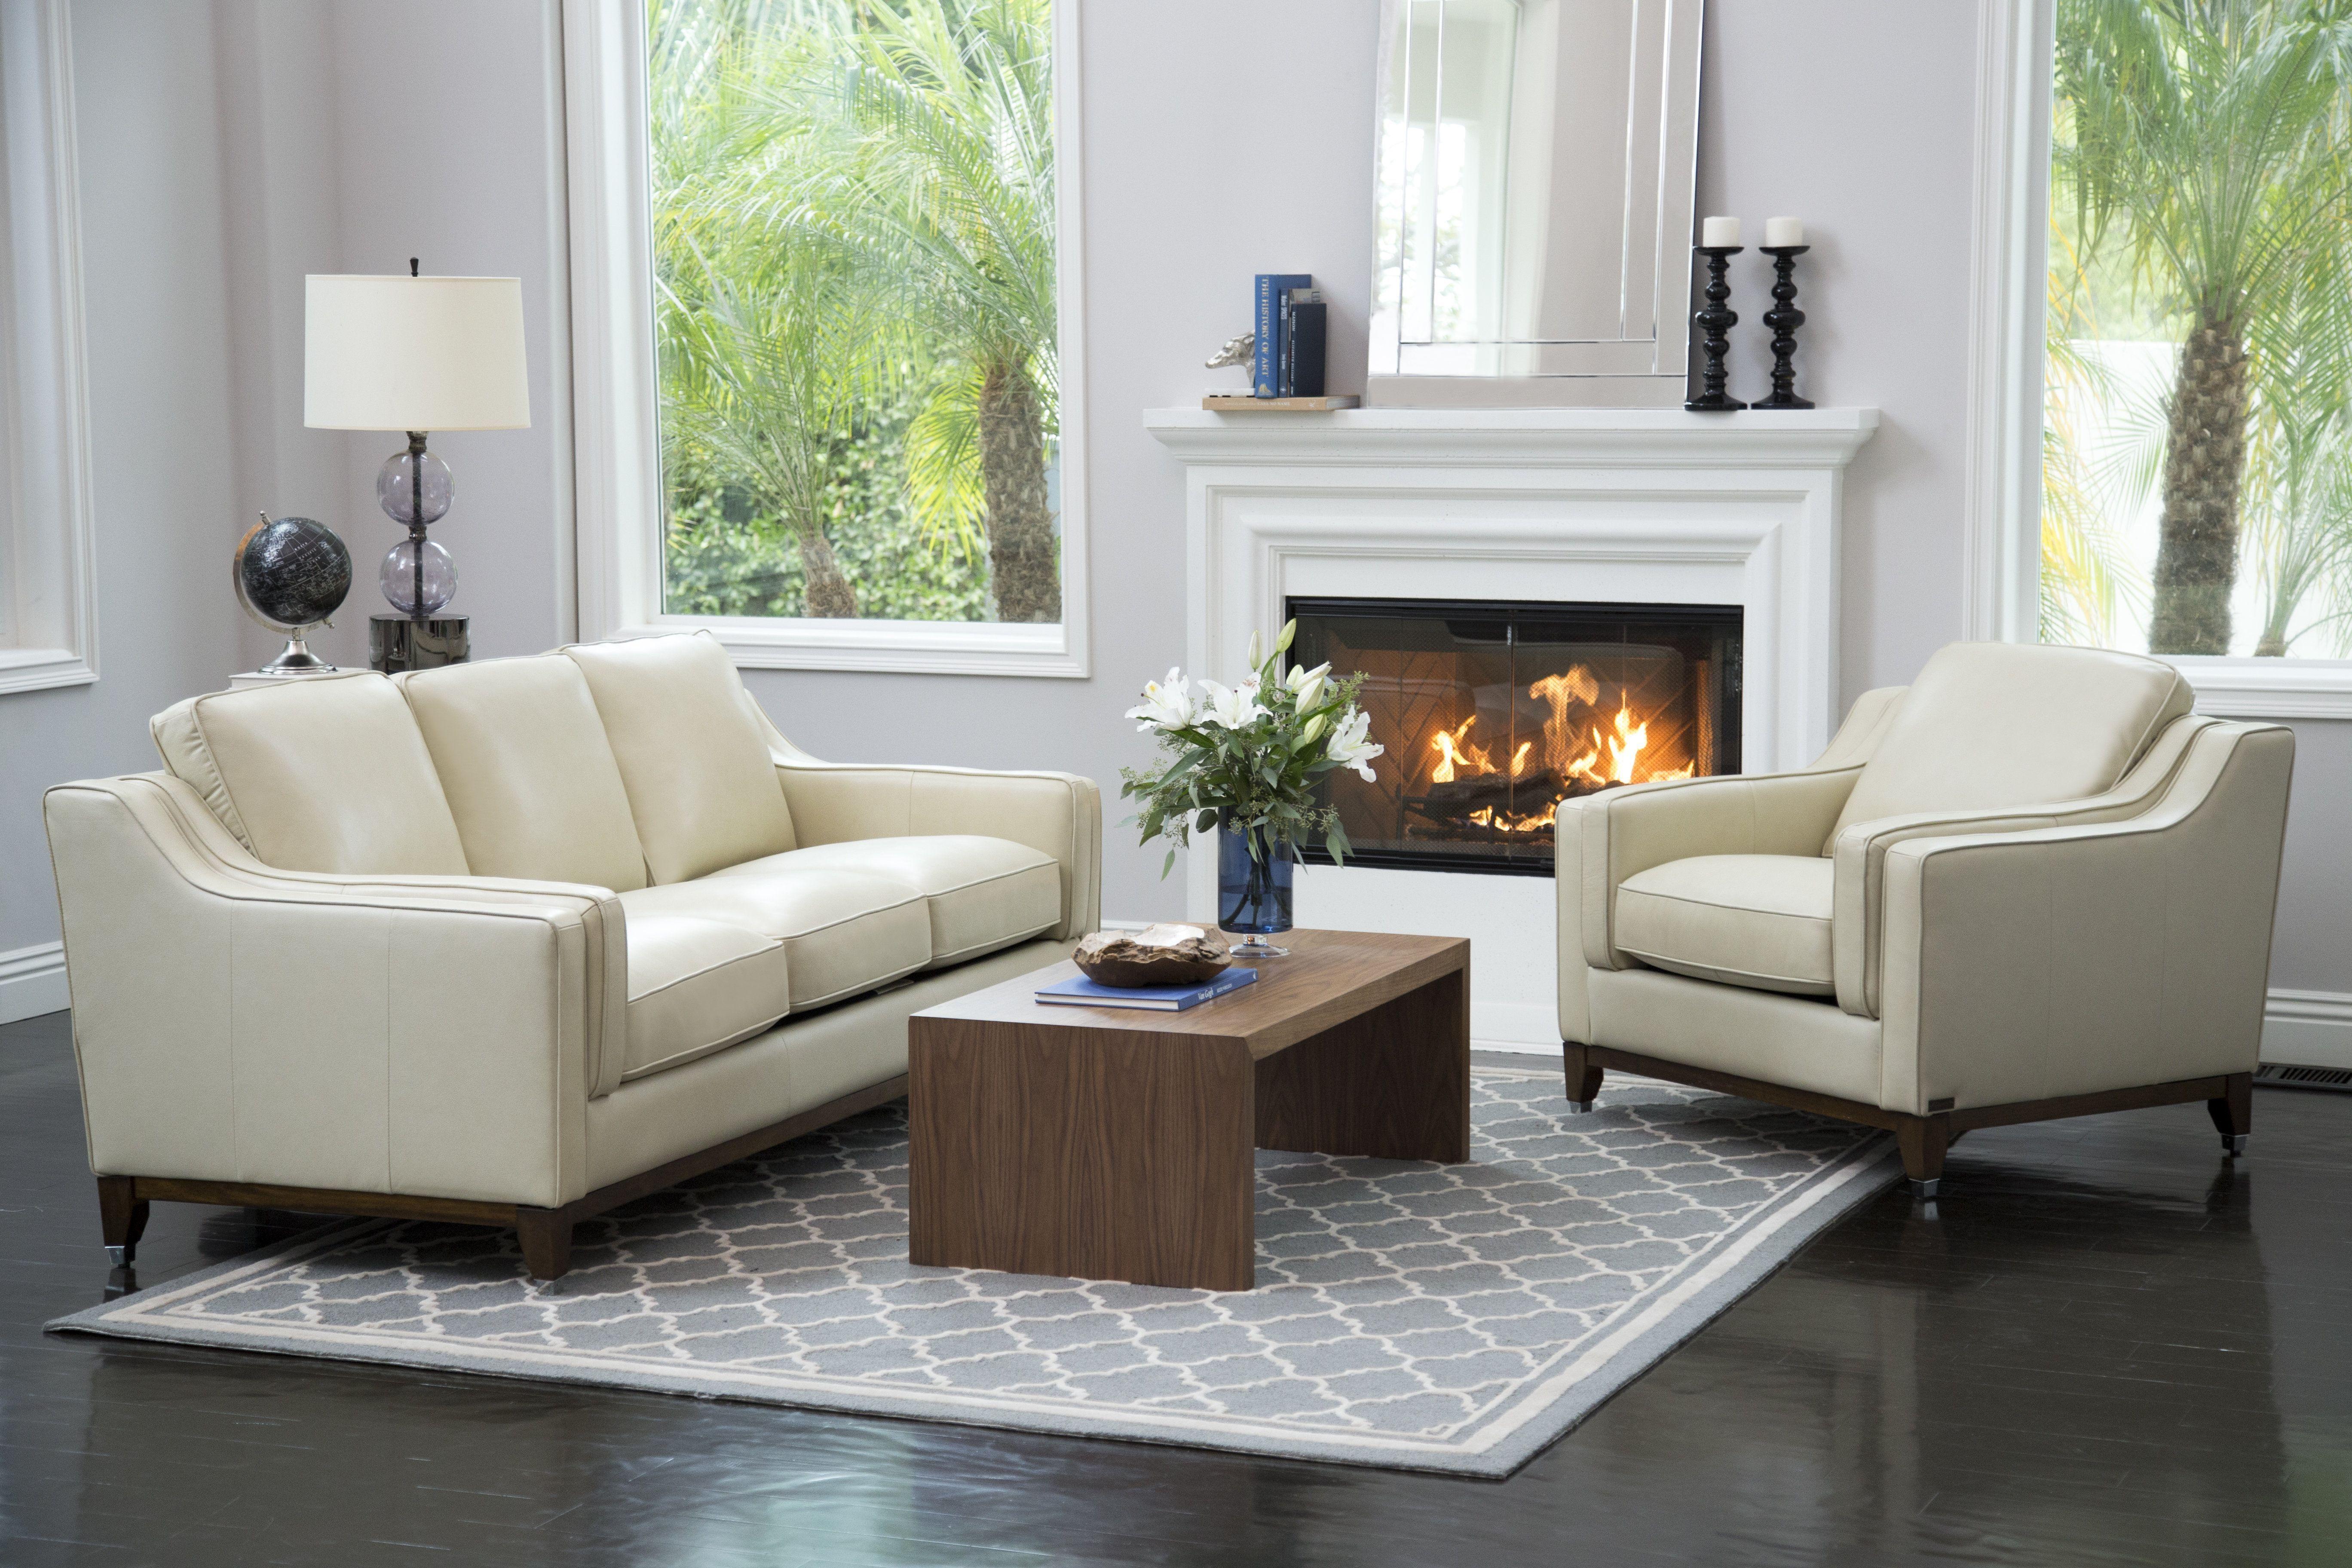 43 Exellent Wayfair Living Room Pattern Decortez Living Room Sets Living Room Leather Leather Living Room Set